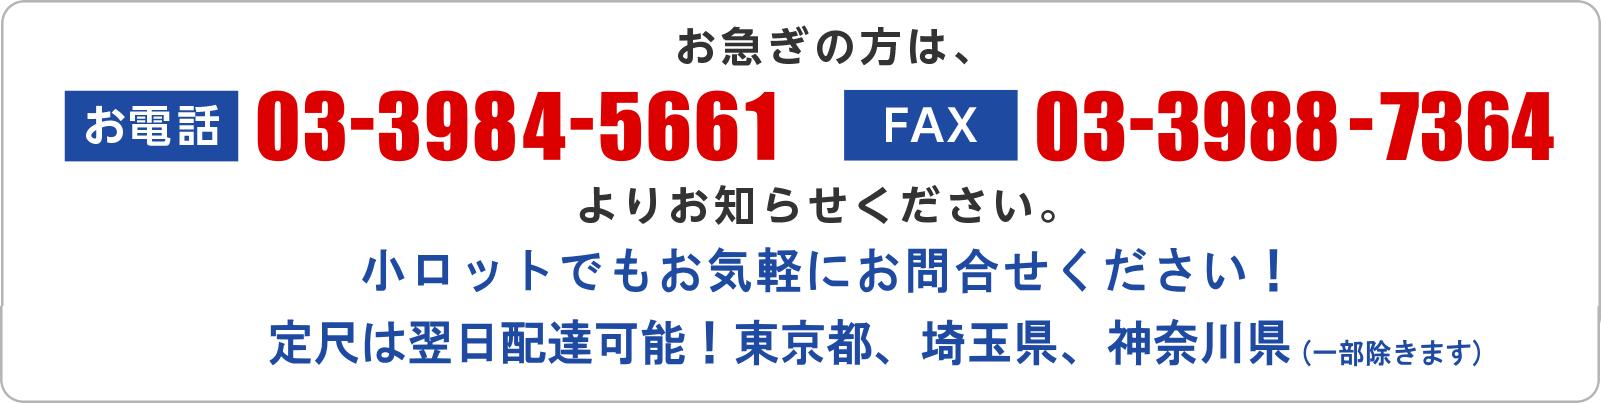 宮澤商事株式会社|TEL